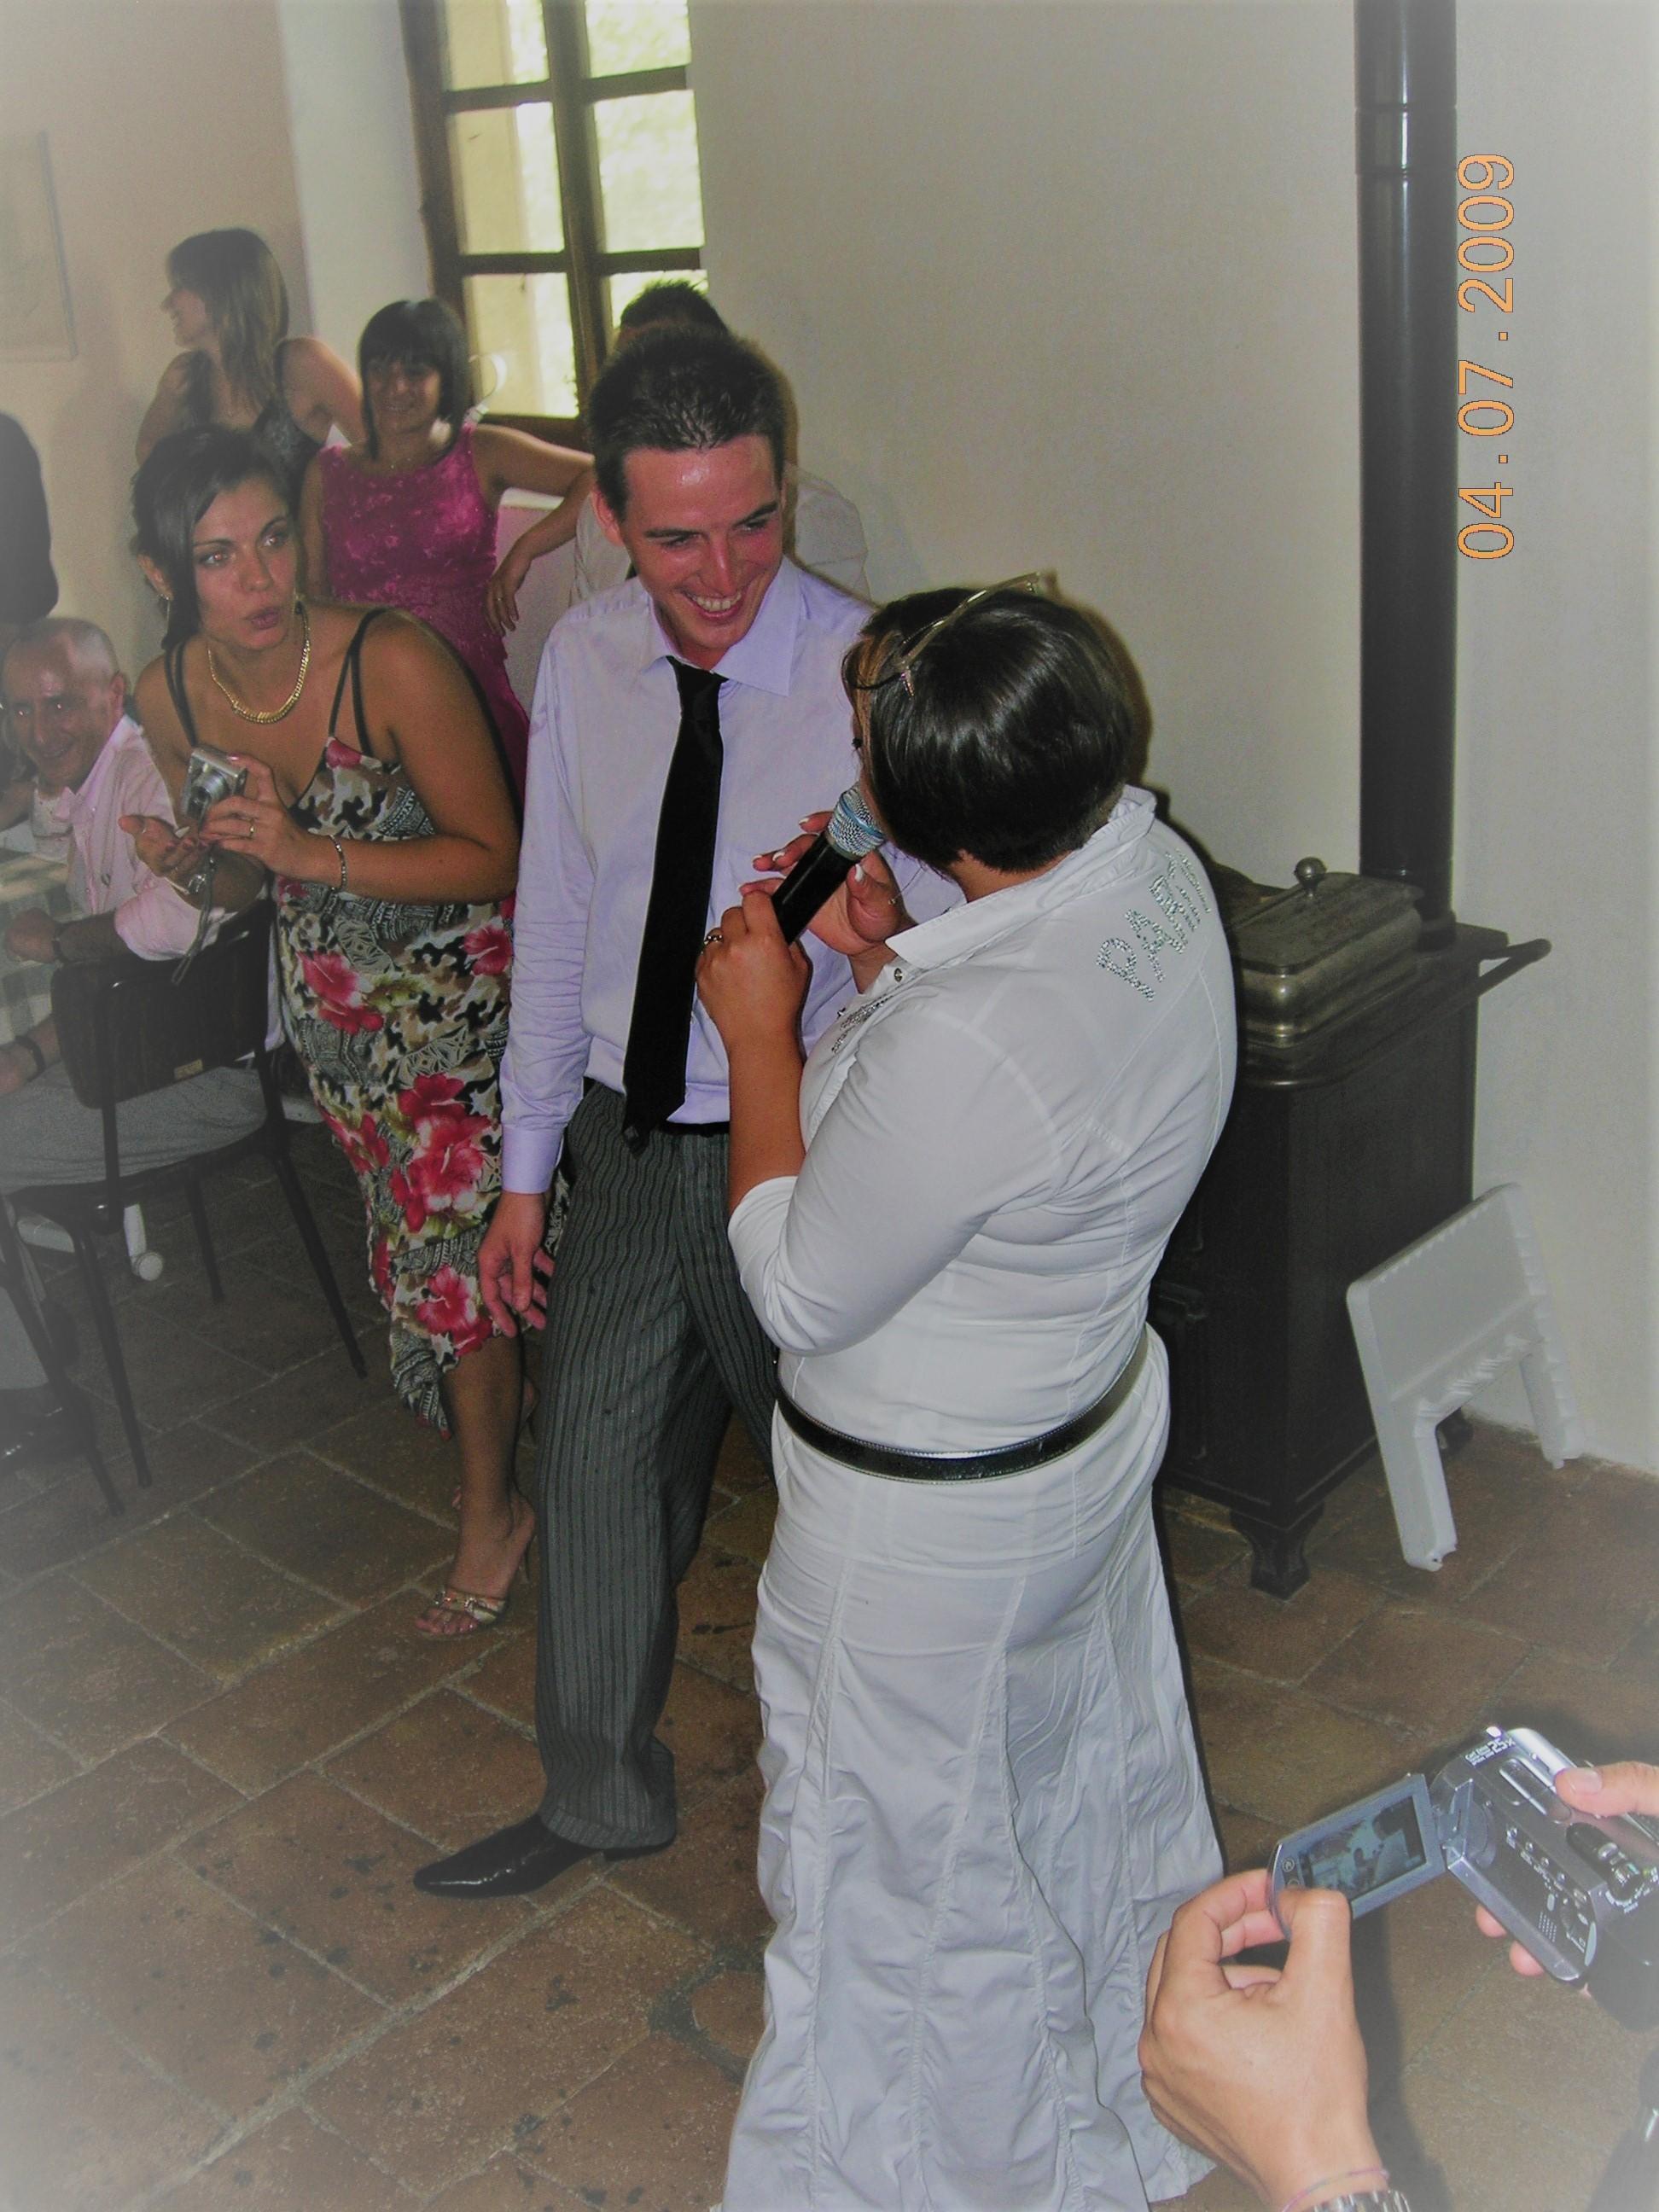 Oscar e Emanuela 04.07.2009 - 093.JPG